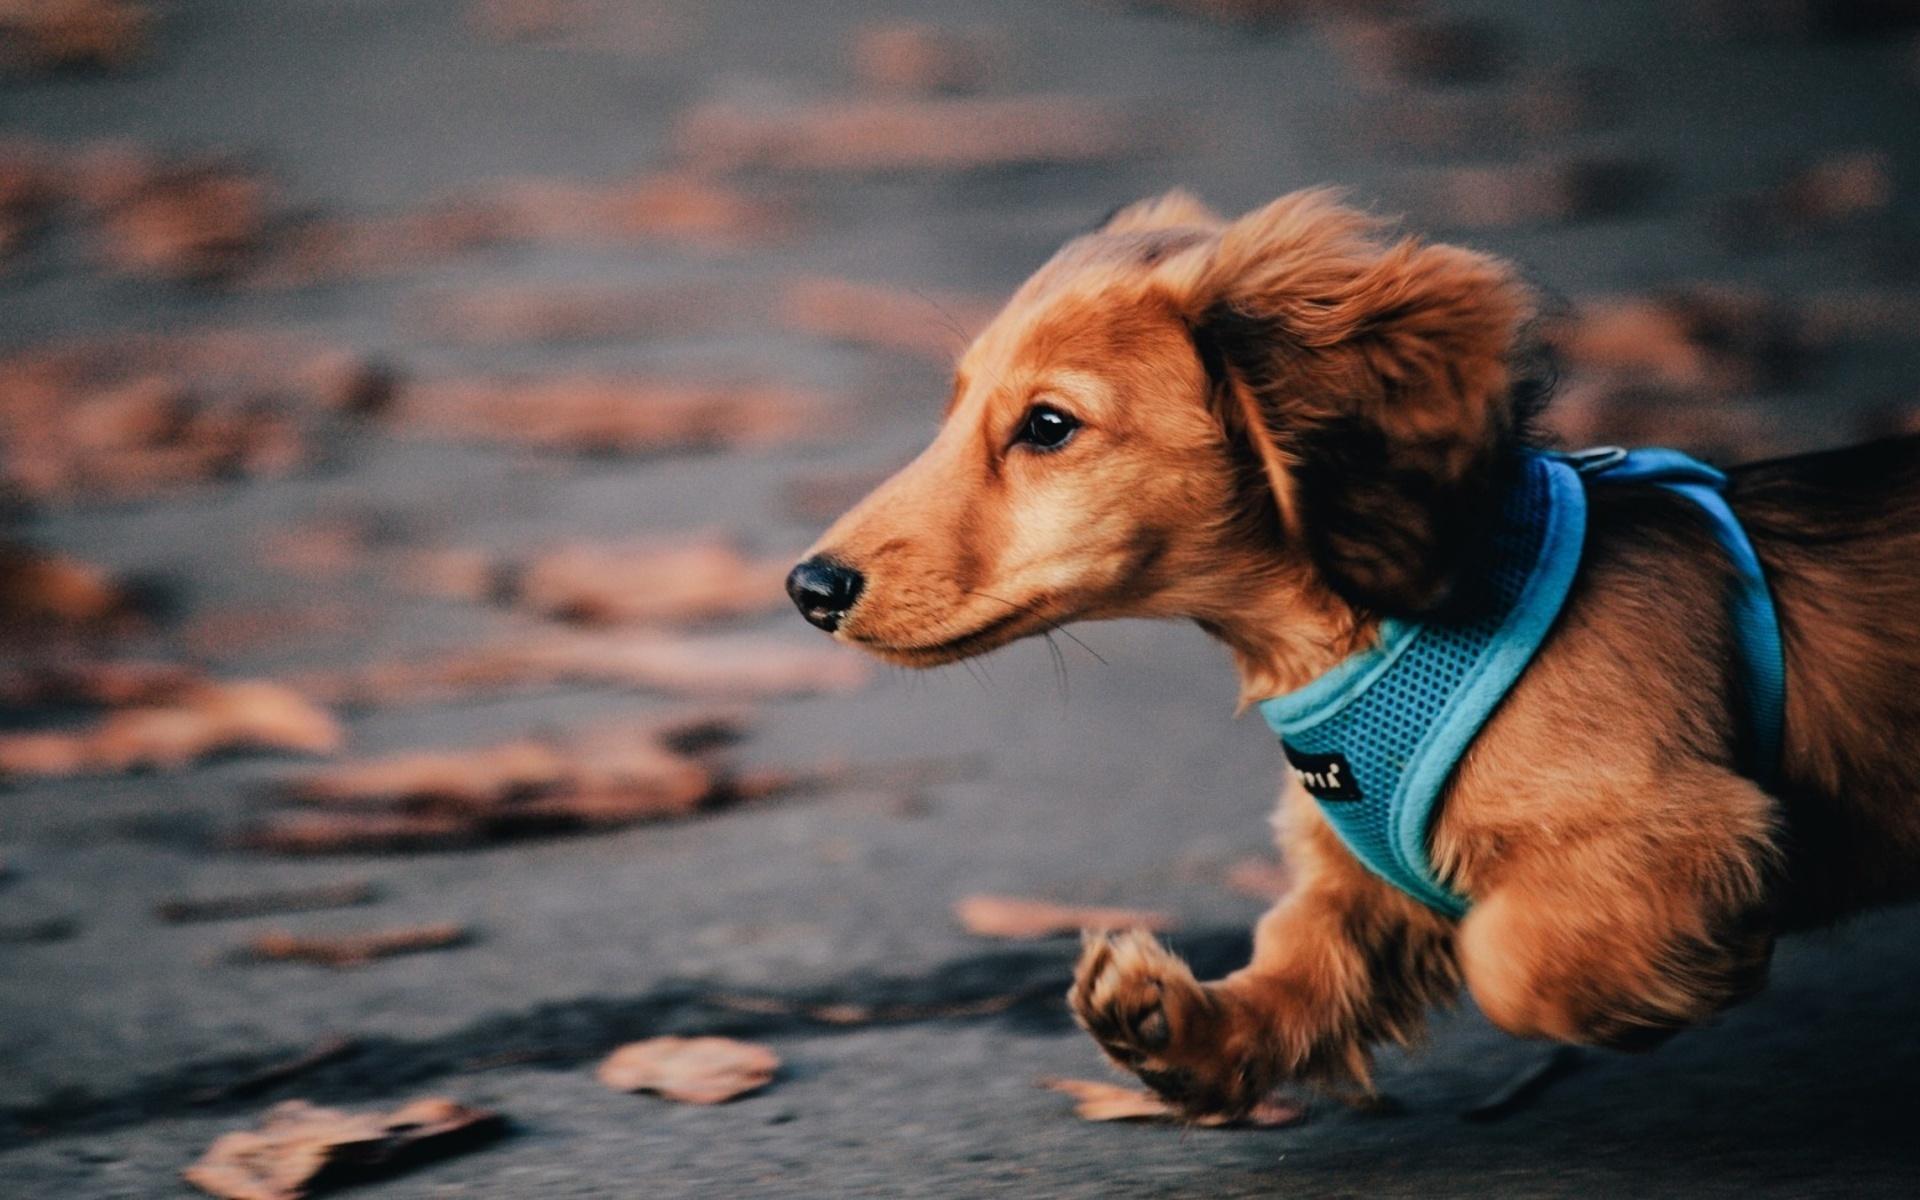 HÌnh nền chú chó con cute dễ thương